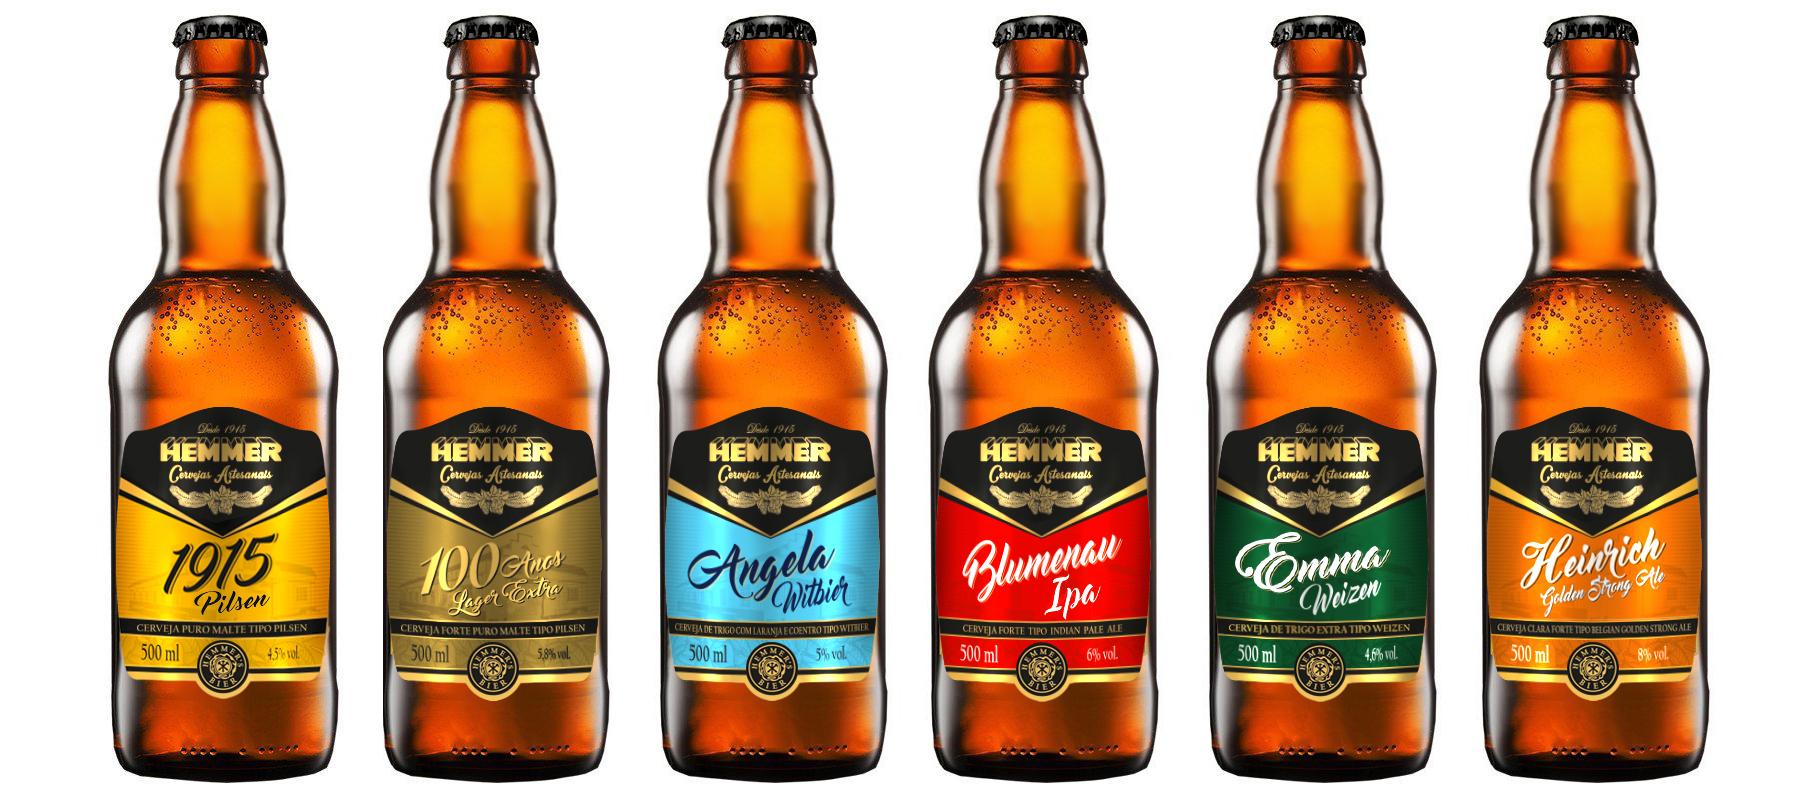 hemmer-cervejas_d_13-10-16